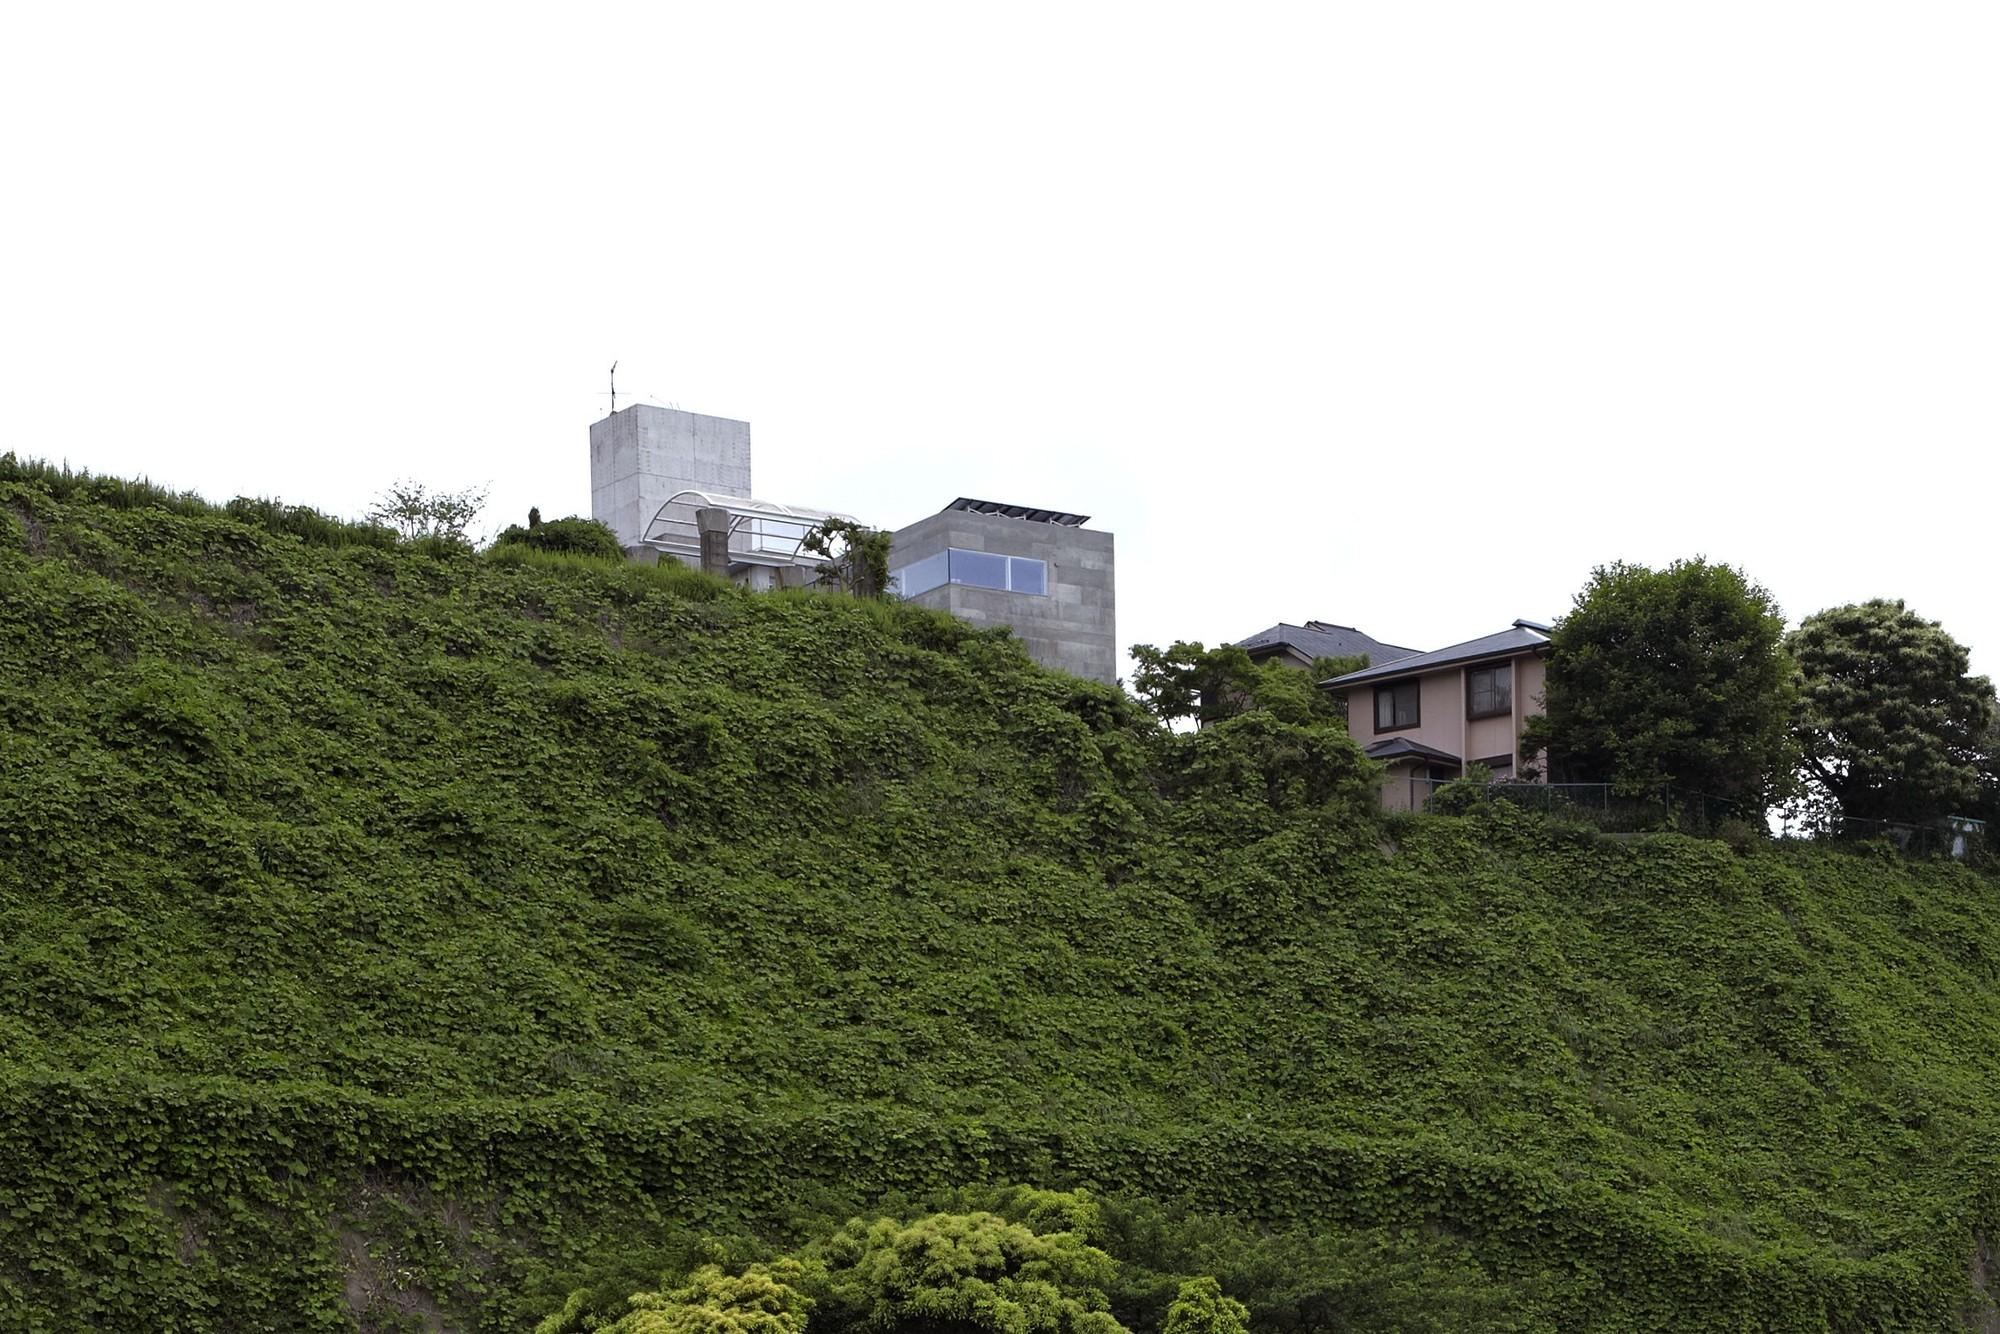 Planter House / no.555